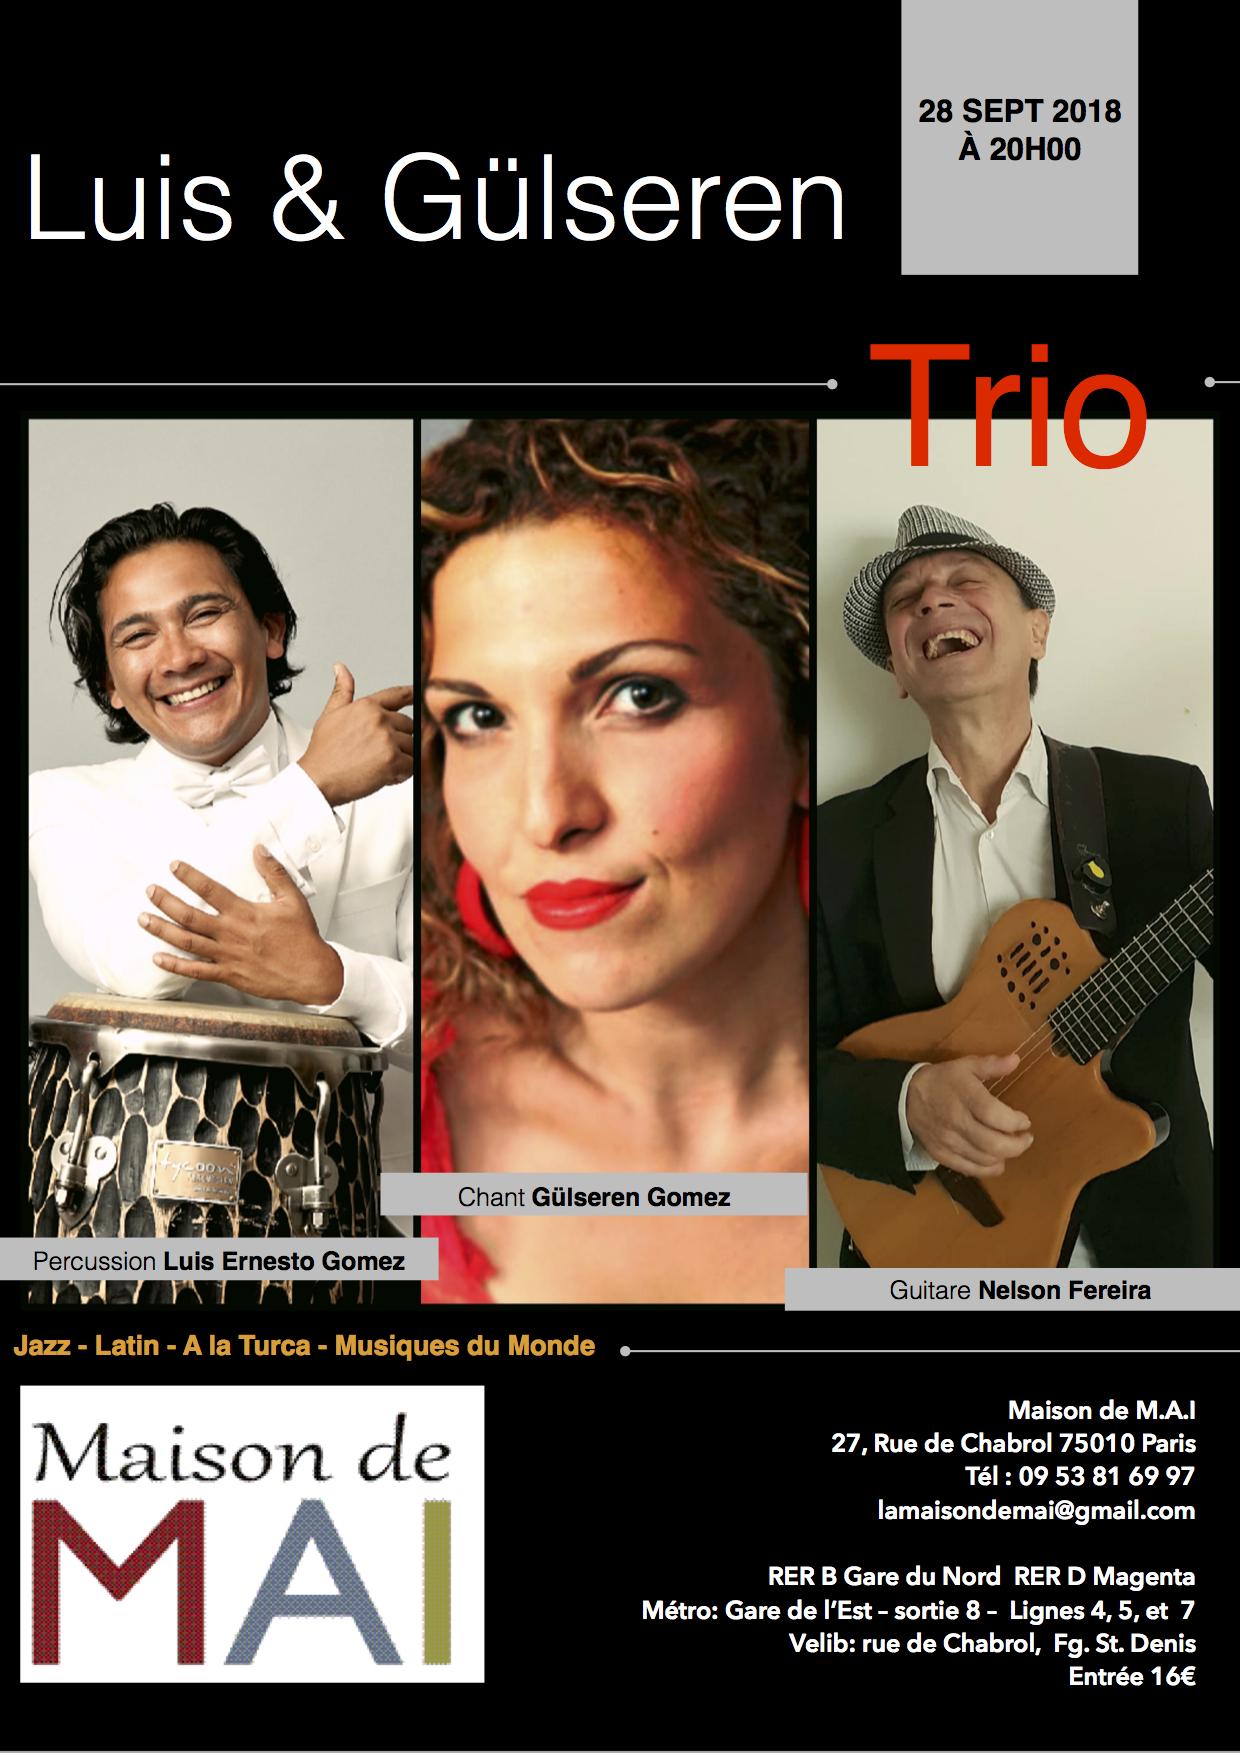 Concert Luis et Gülseren Trio à Paris